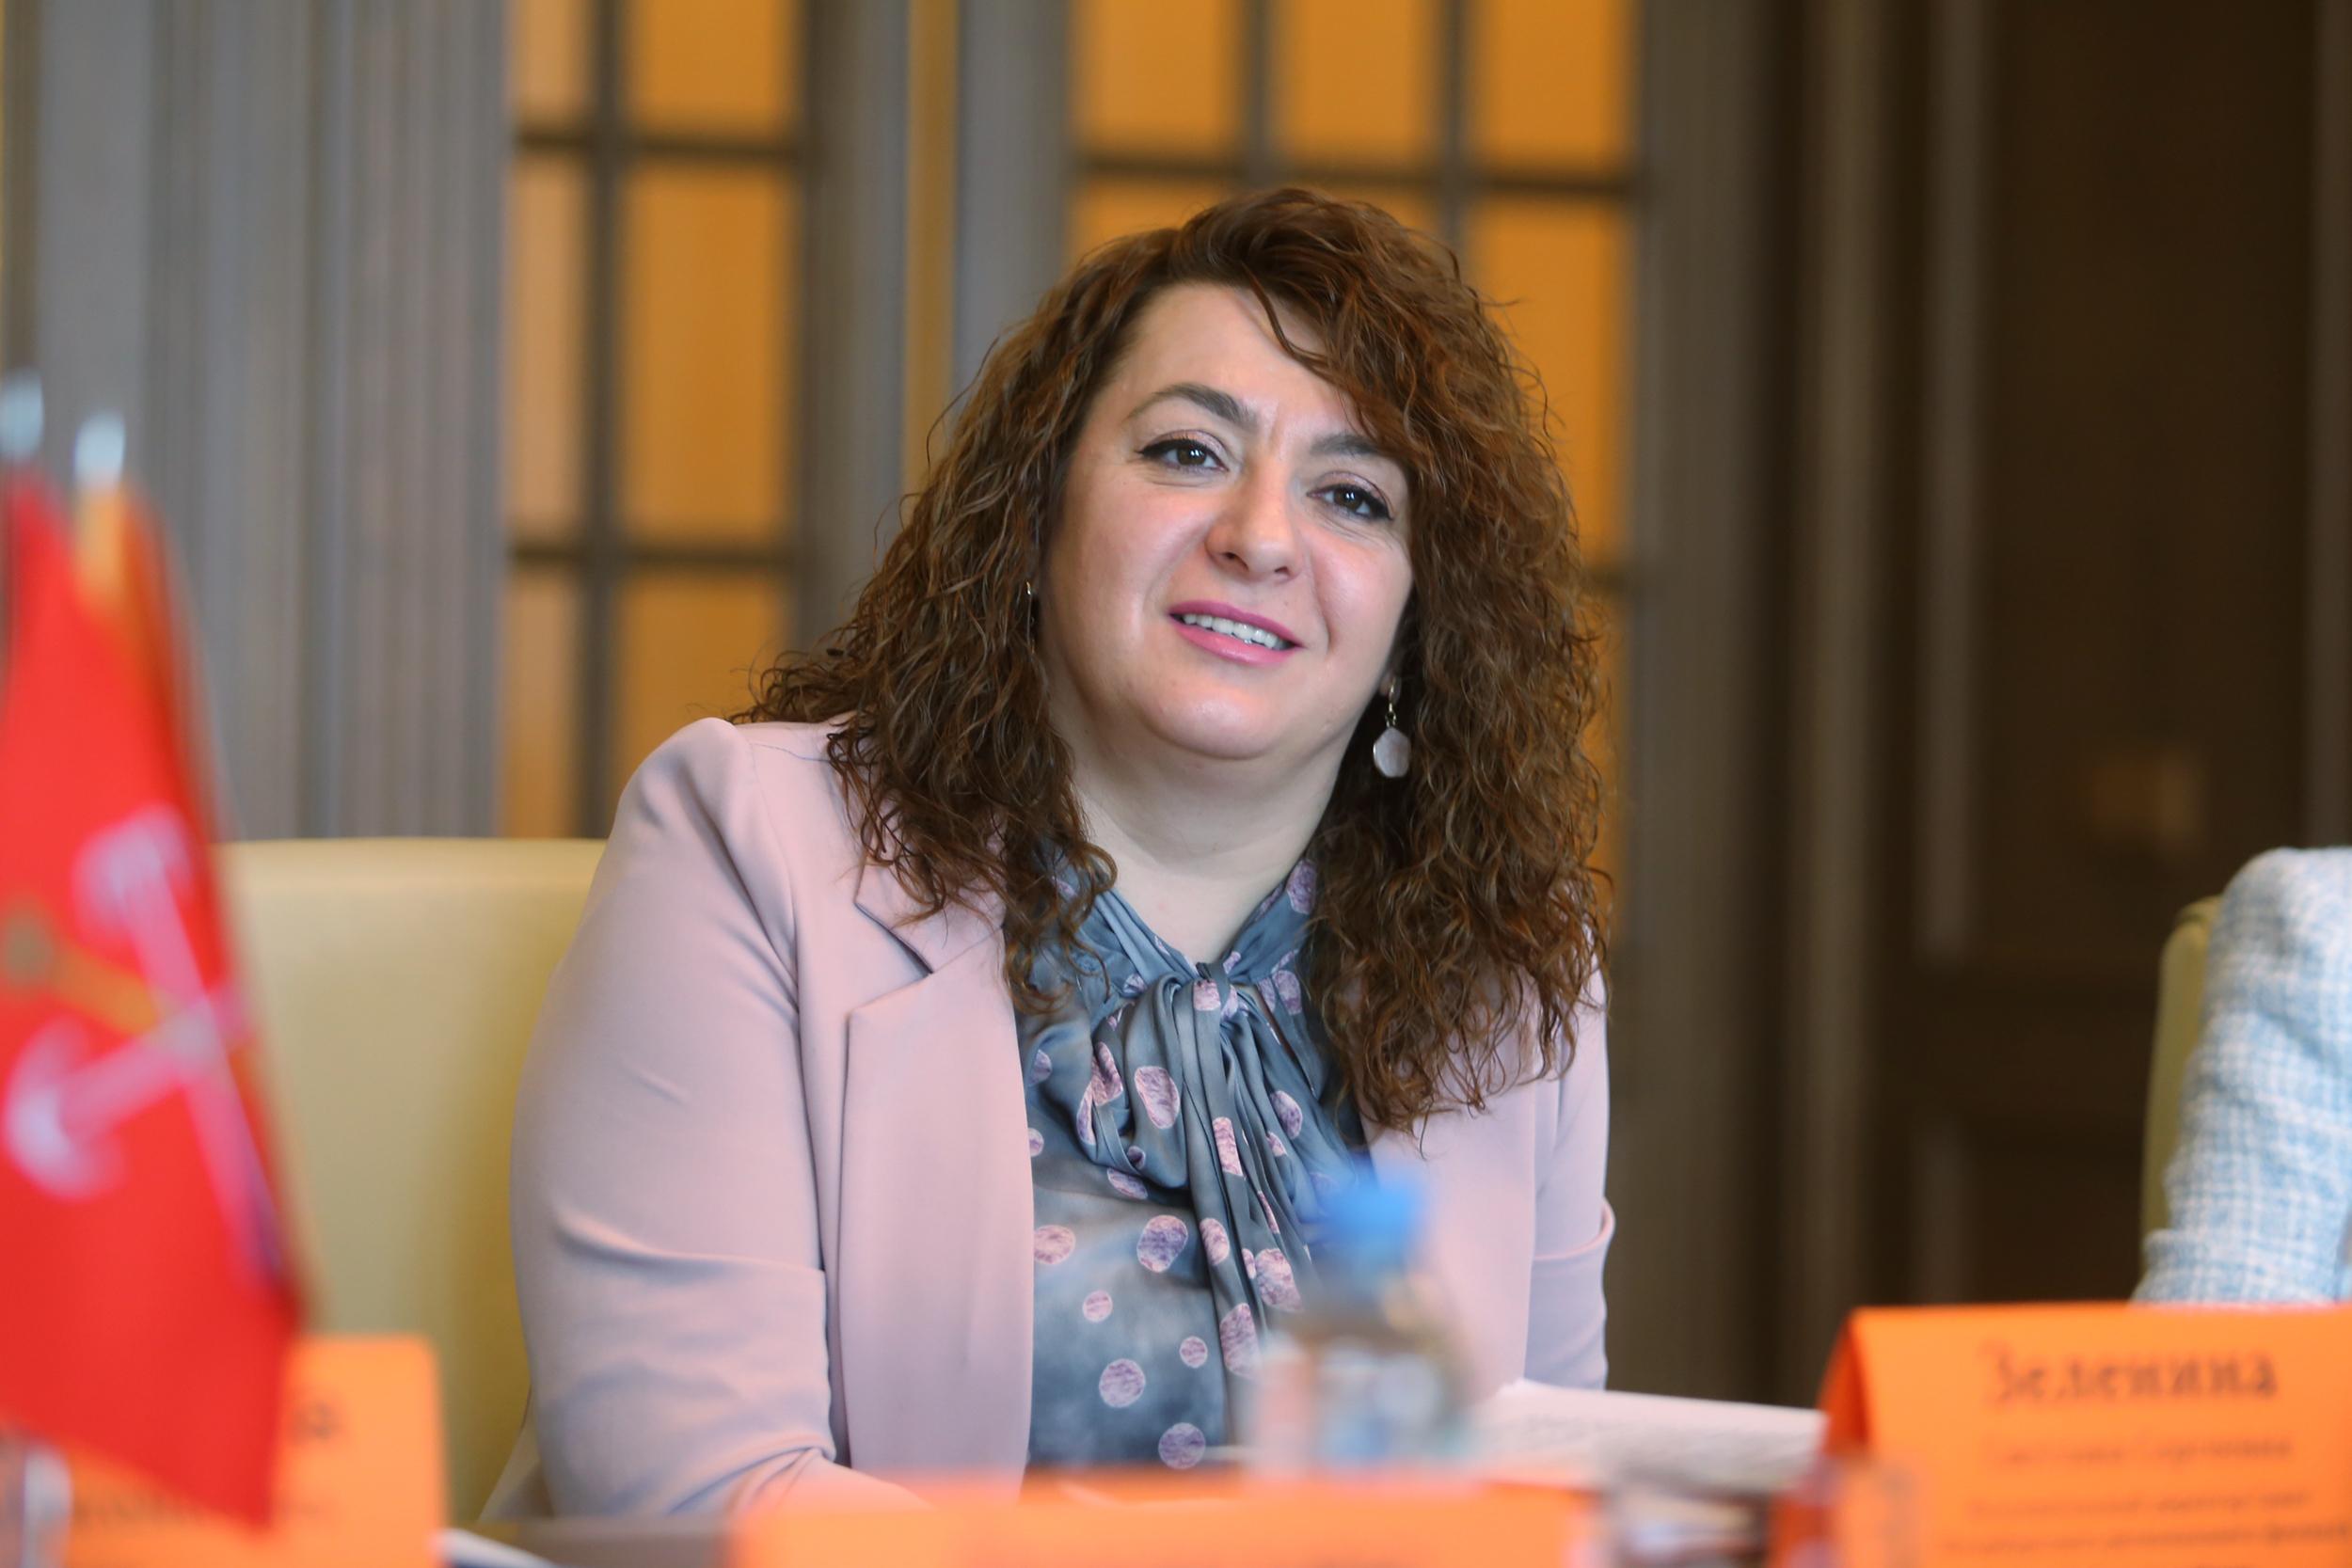 Светлана Зеленина, исполнительный директор Санкт-Петербургского регионального филиала АО «Россельхозбанк»